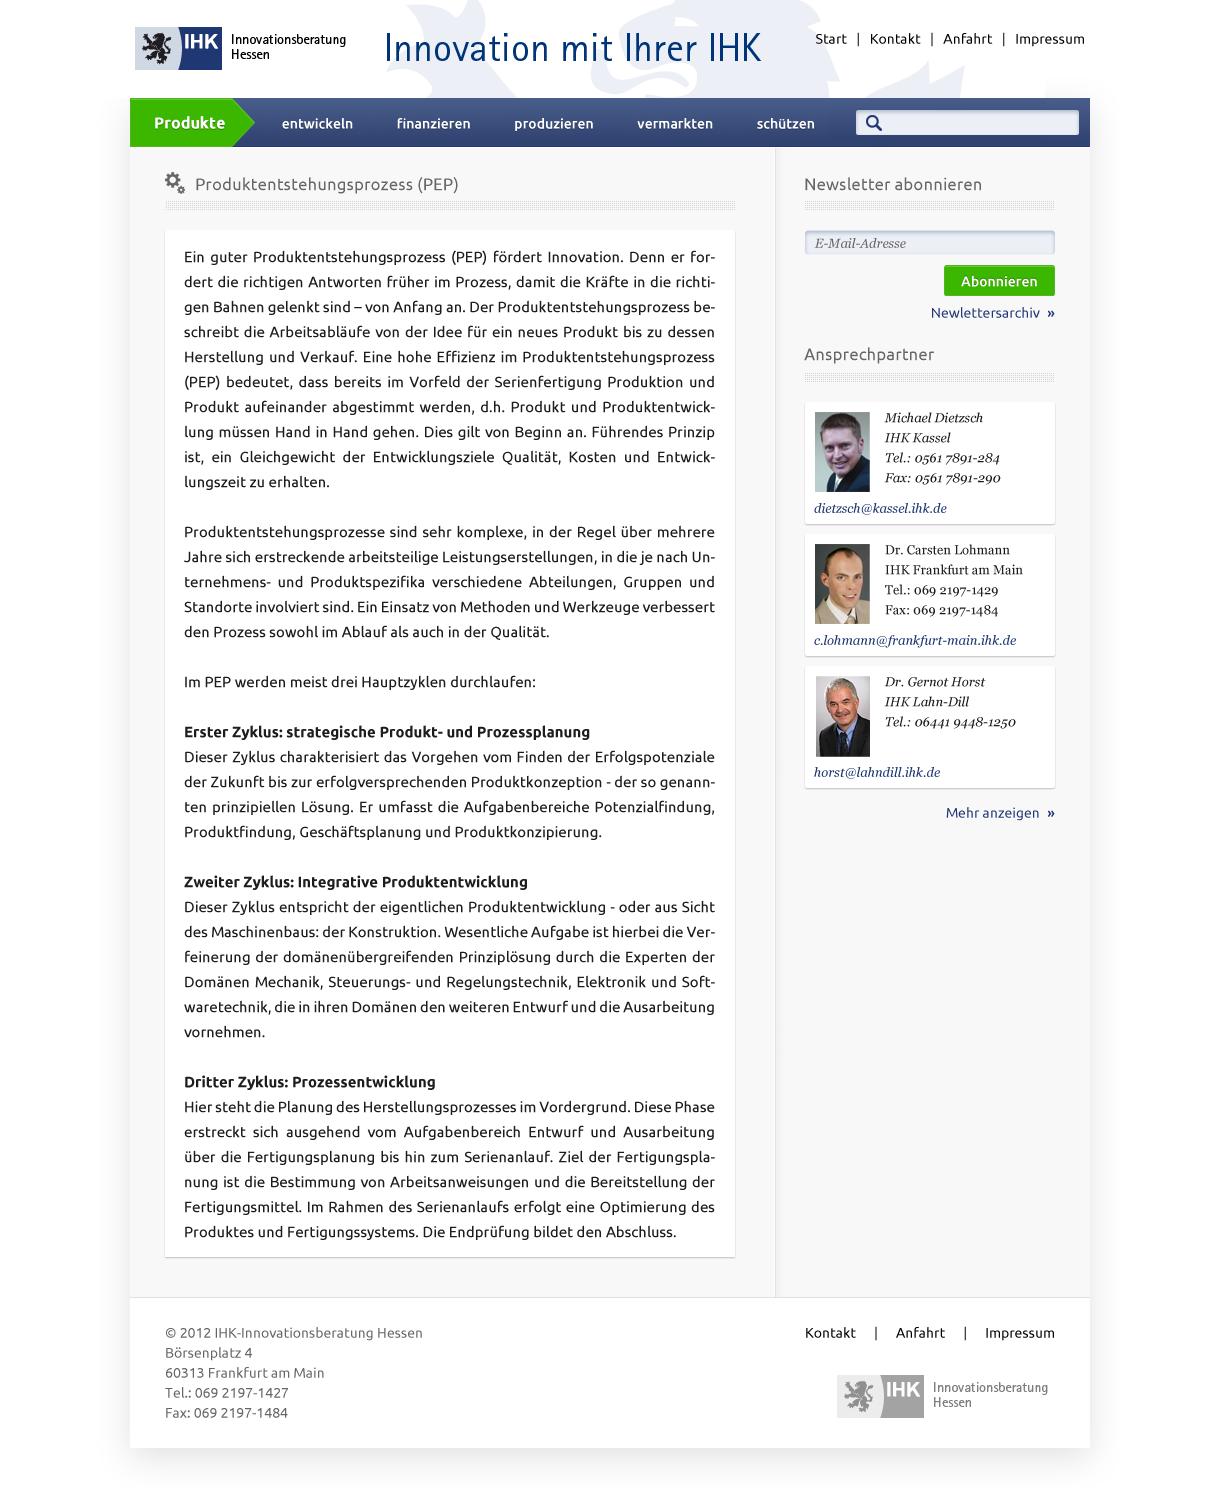 Webdesign für IHK-Innovationsberatung Hessen